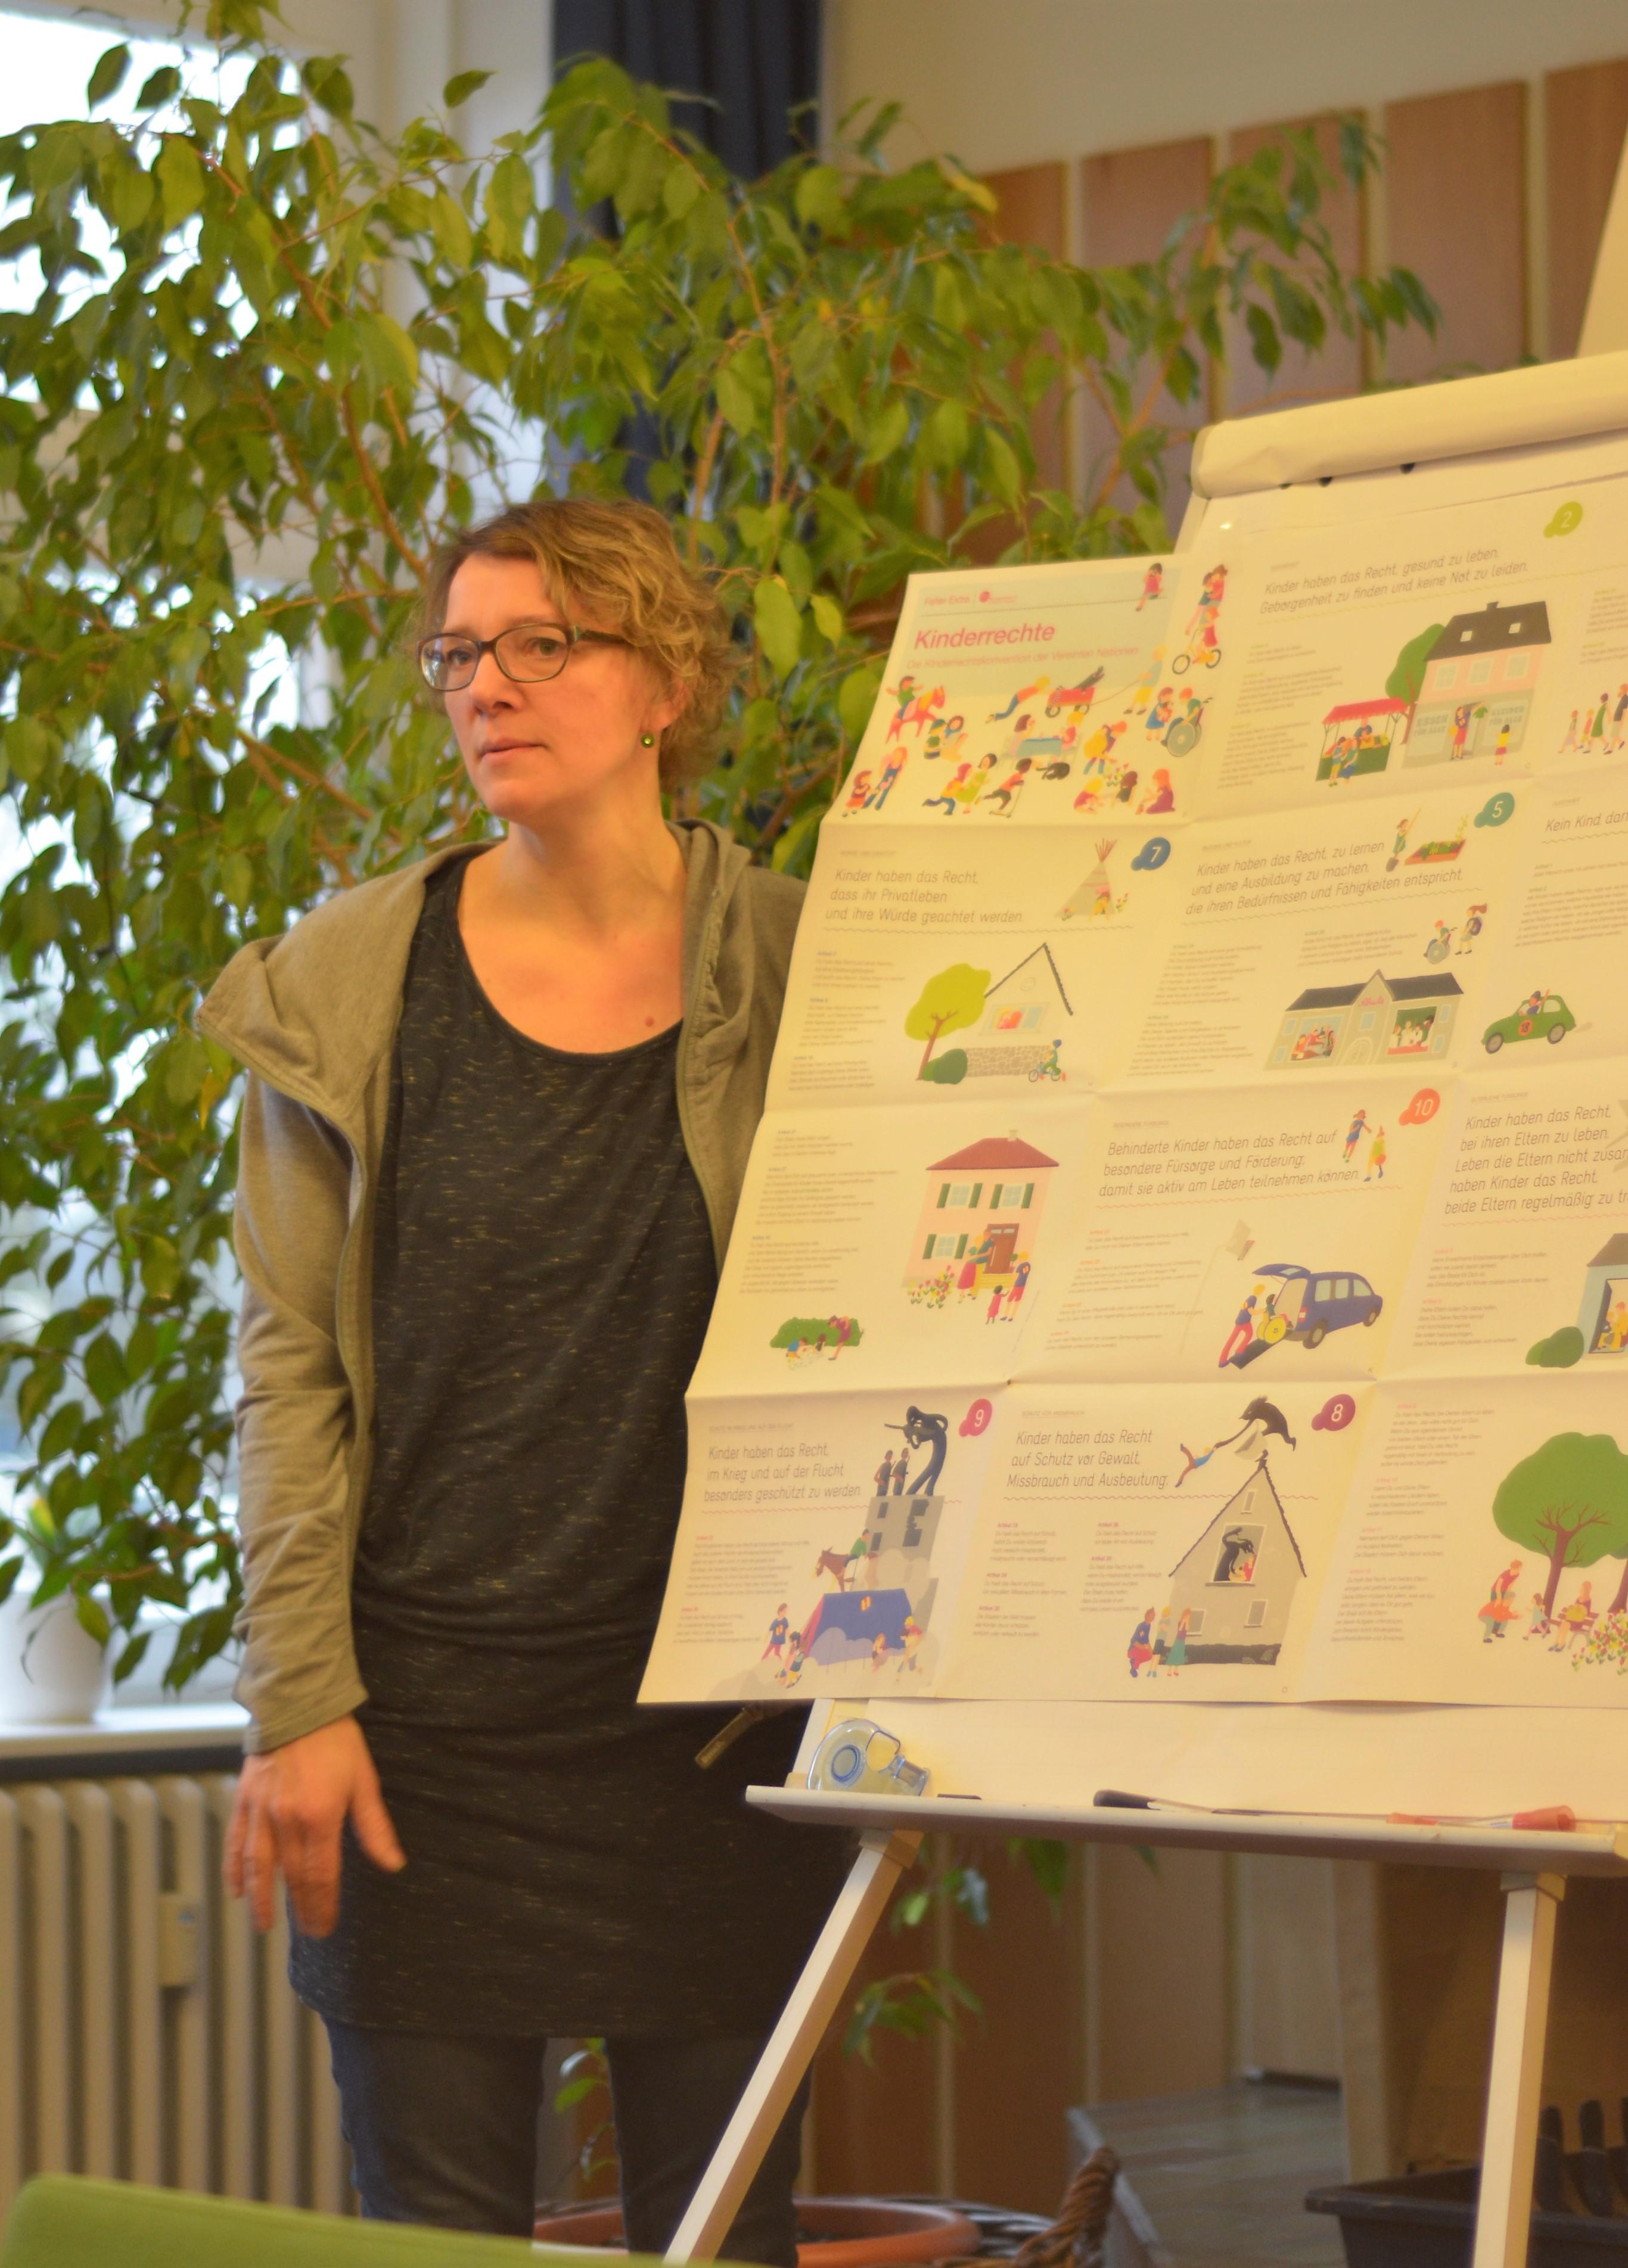 Nachdem wir in einer Übung bereits Ideen zu den Bedürfnissen von Kindern sammelten, gibt unsere Dozentin uns einen Überblick über die Kinderrechte